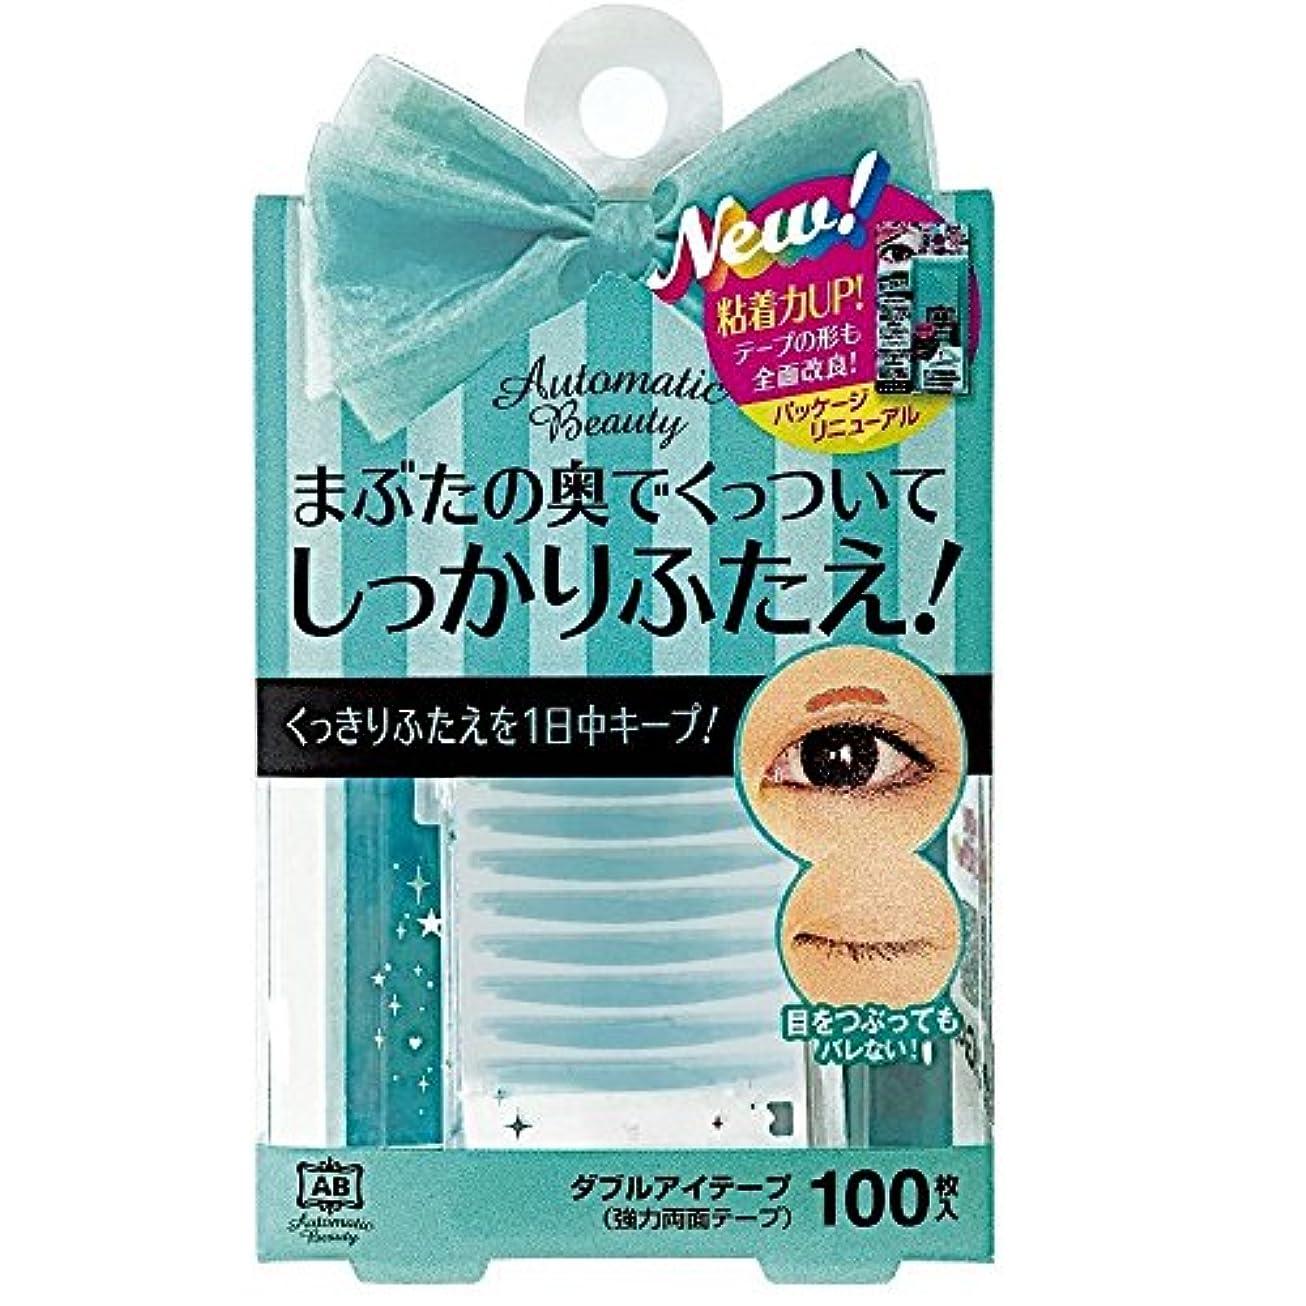 スペースエキゾチック壁紙Automatic Beauty(オートマティックビューティ) ダブルアイテープ 100枚